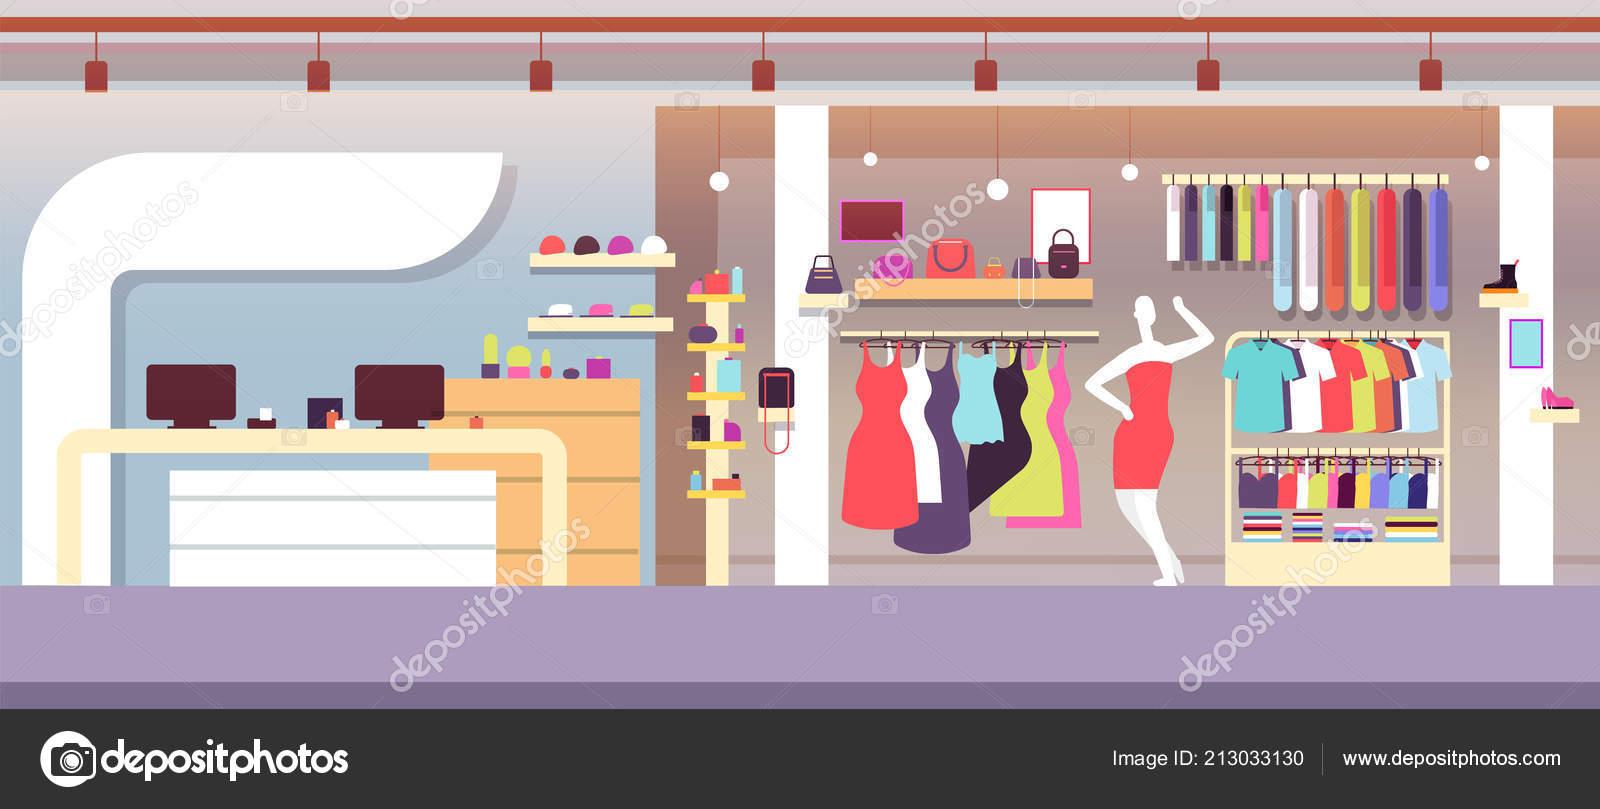 2a4c4ee66da7 Loja de moda. Loja de moda boutique com roupas femininas e bolsas de  mulheres. Centro comercial interior de vetor. Ilustração de varejo  interior, ...